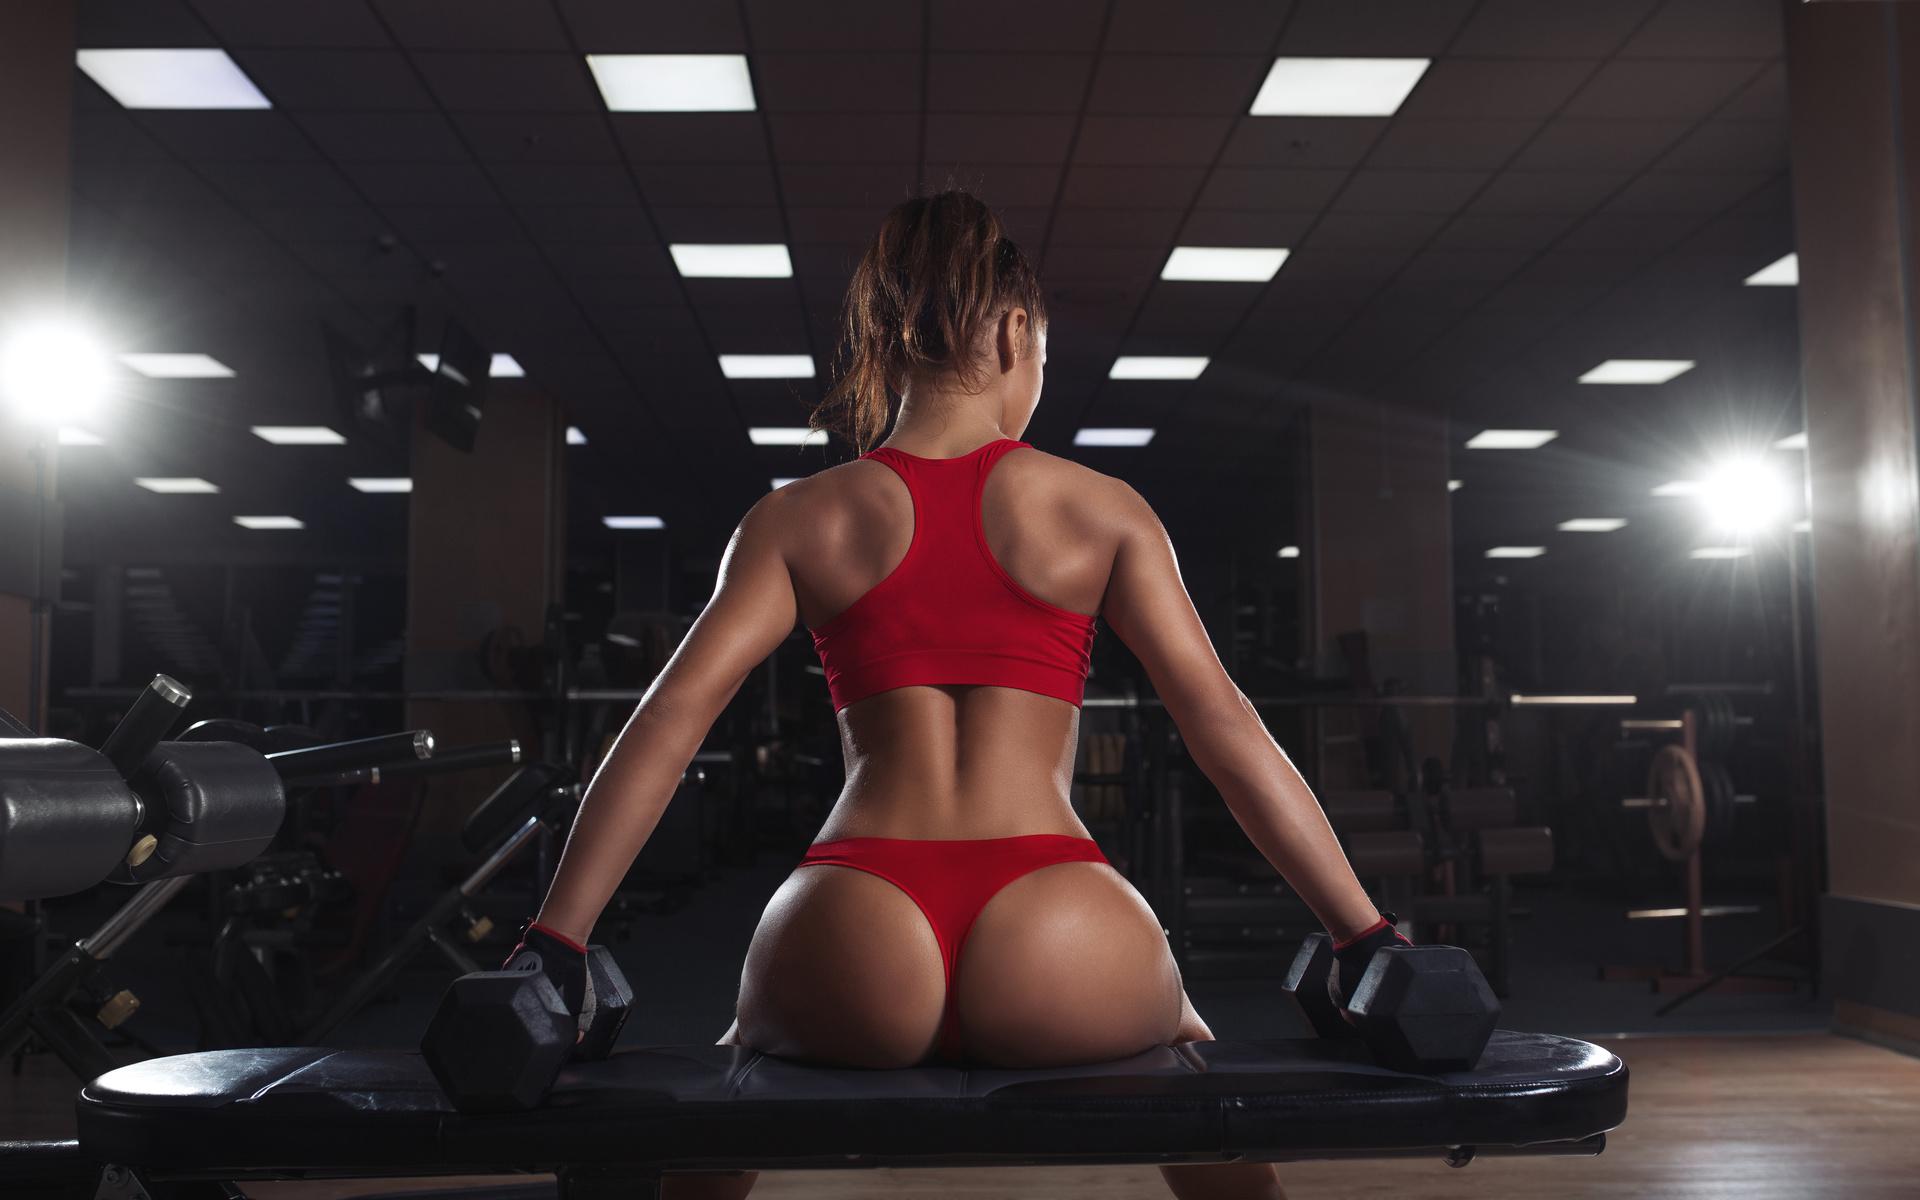 Сексуальные попы в спортзале сидя очень